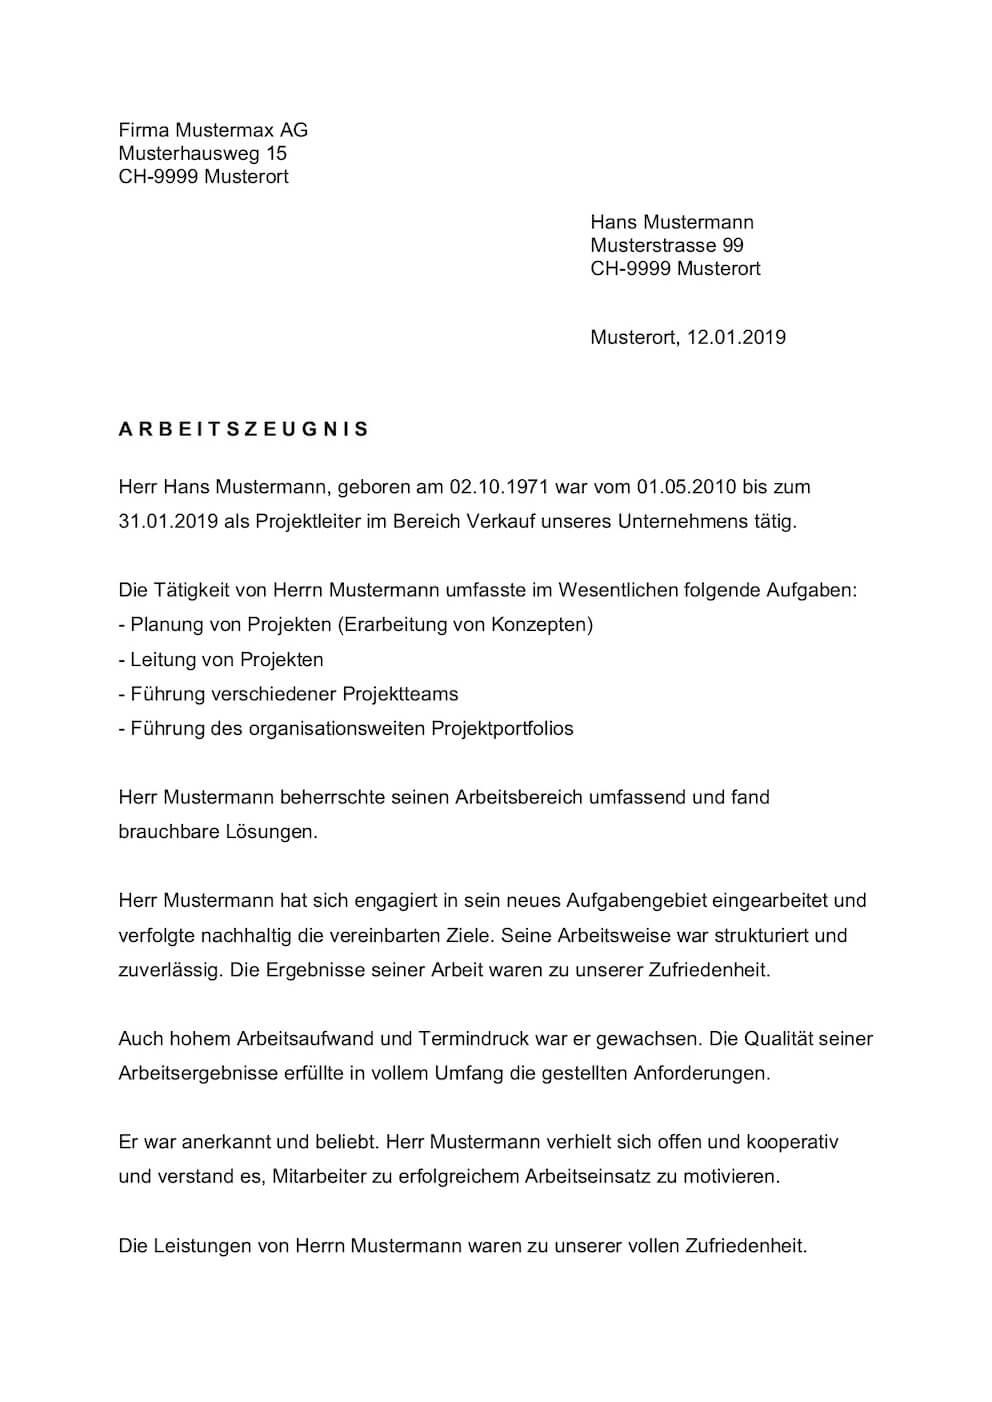 Vorlage Muster Arbeitszeugnis Schweiz